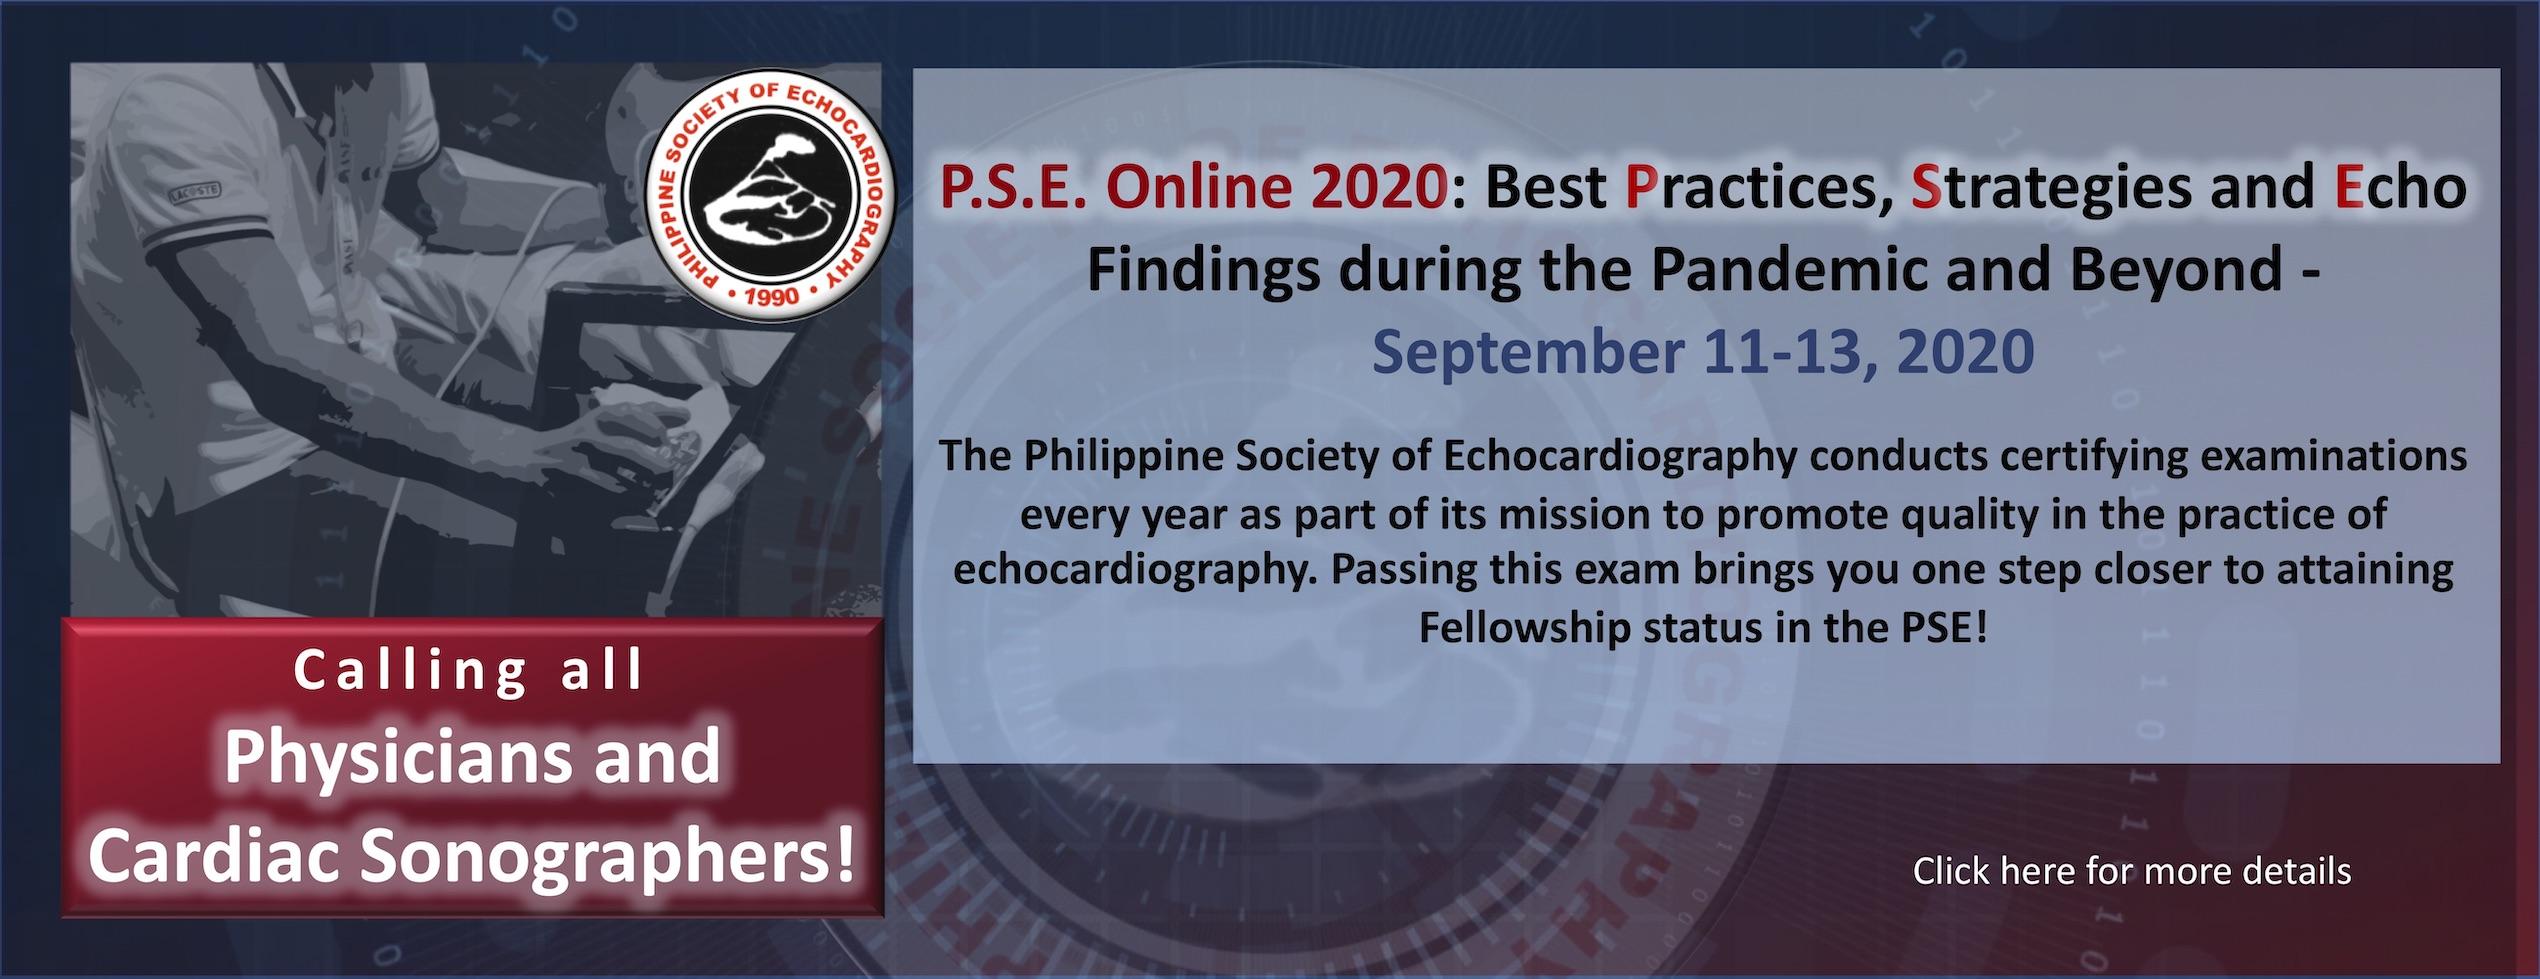 PSE_Online_2020_-_certifying_exam_for_website